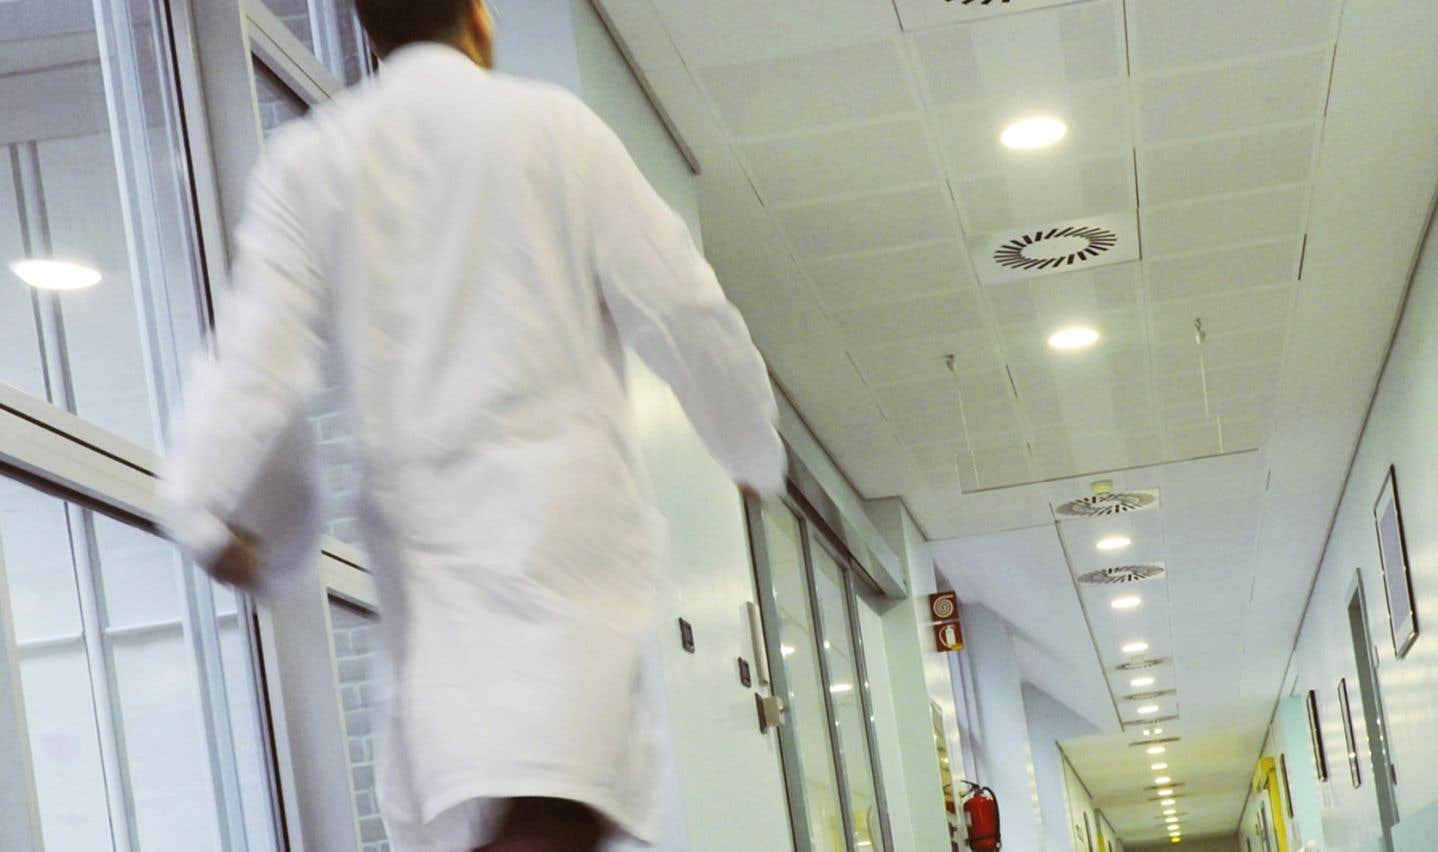 Revers pour des médecins ontariens opposés à l'aide à mourir